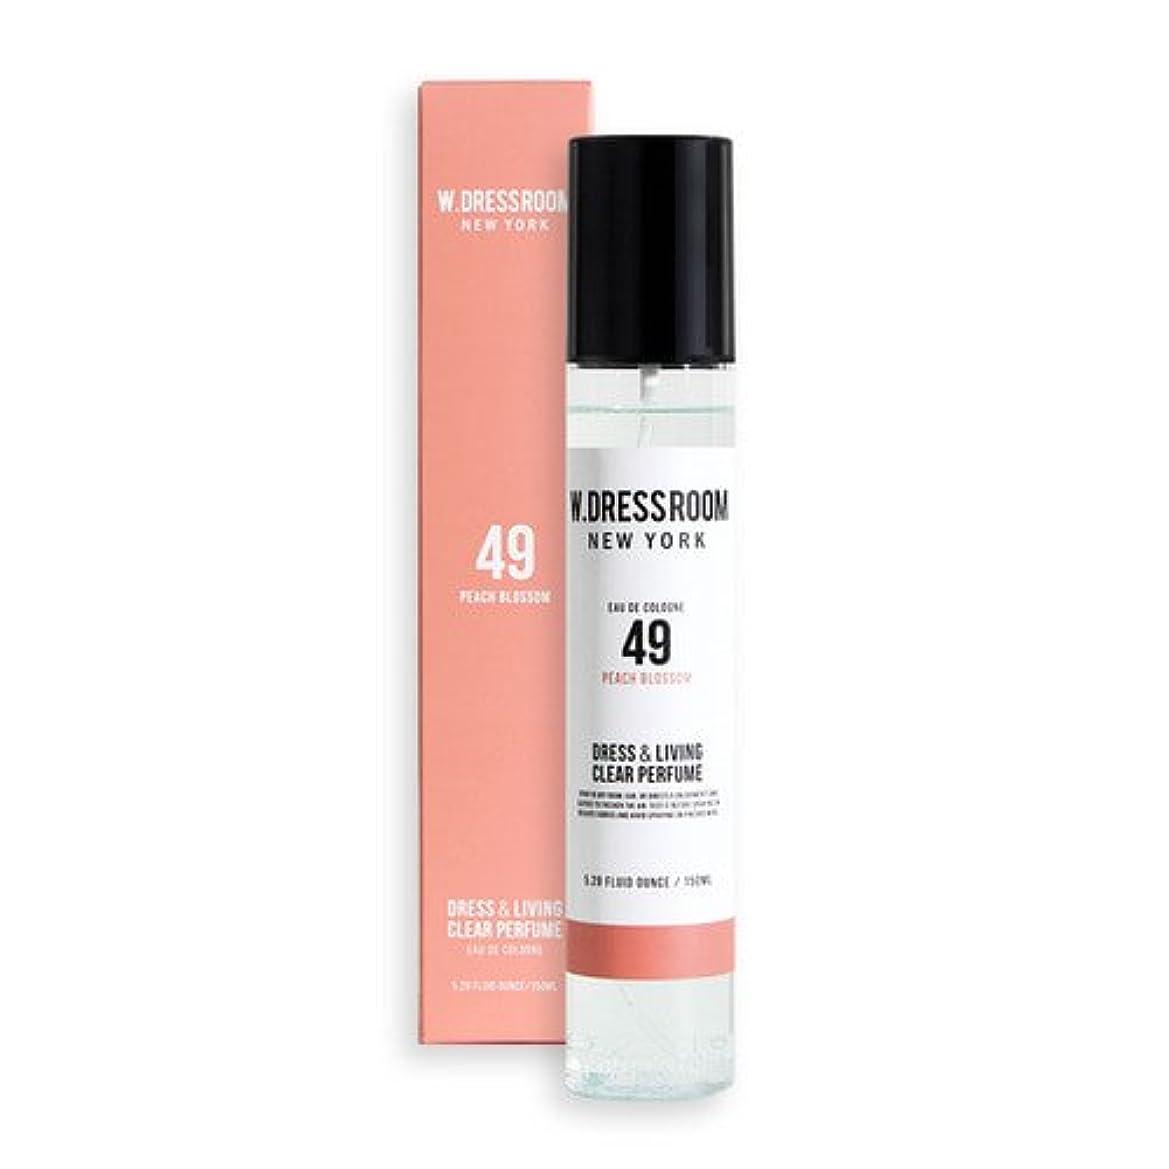 ほうき噛む墓地W.DRESSROOM Dress & Living Clear Perfume 150ml/ダブルドレスルーム ドレス&リビング クリア パフューム 150ml (#No.49 Peach Blossom) [並行輸入品]